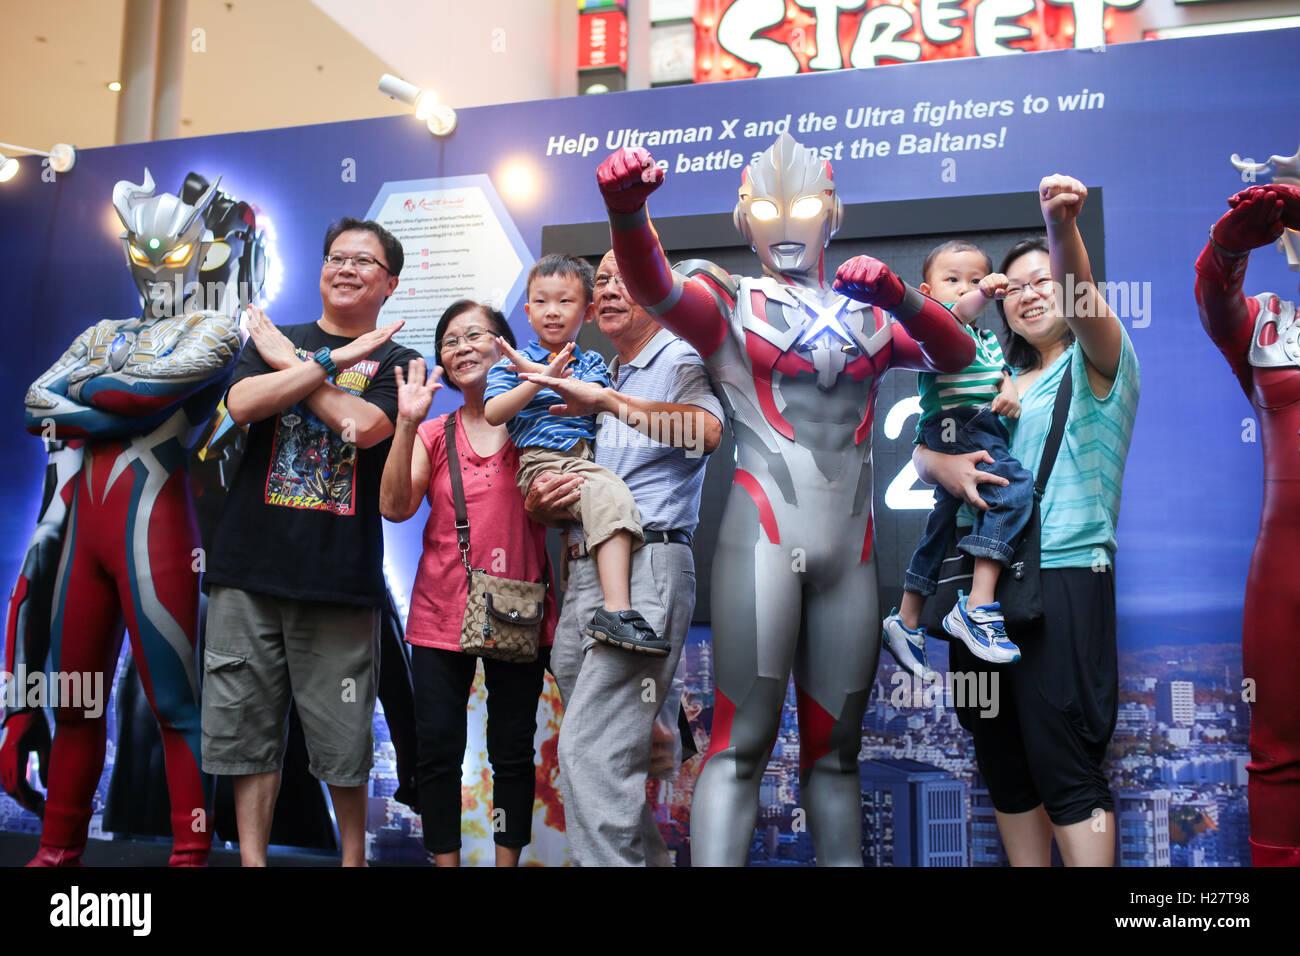 ultraman tokyo stock photos amp ultraman tokyo stock images